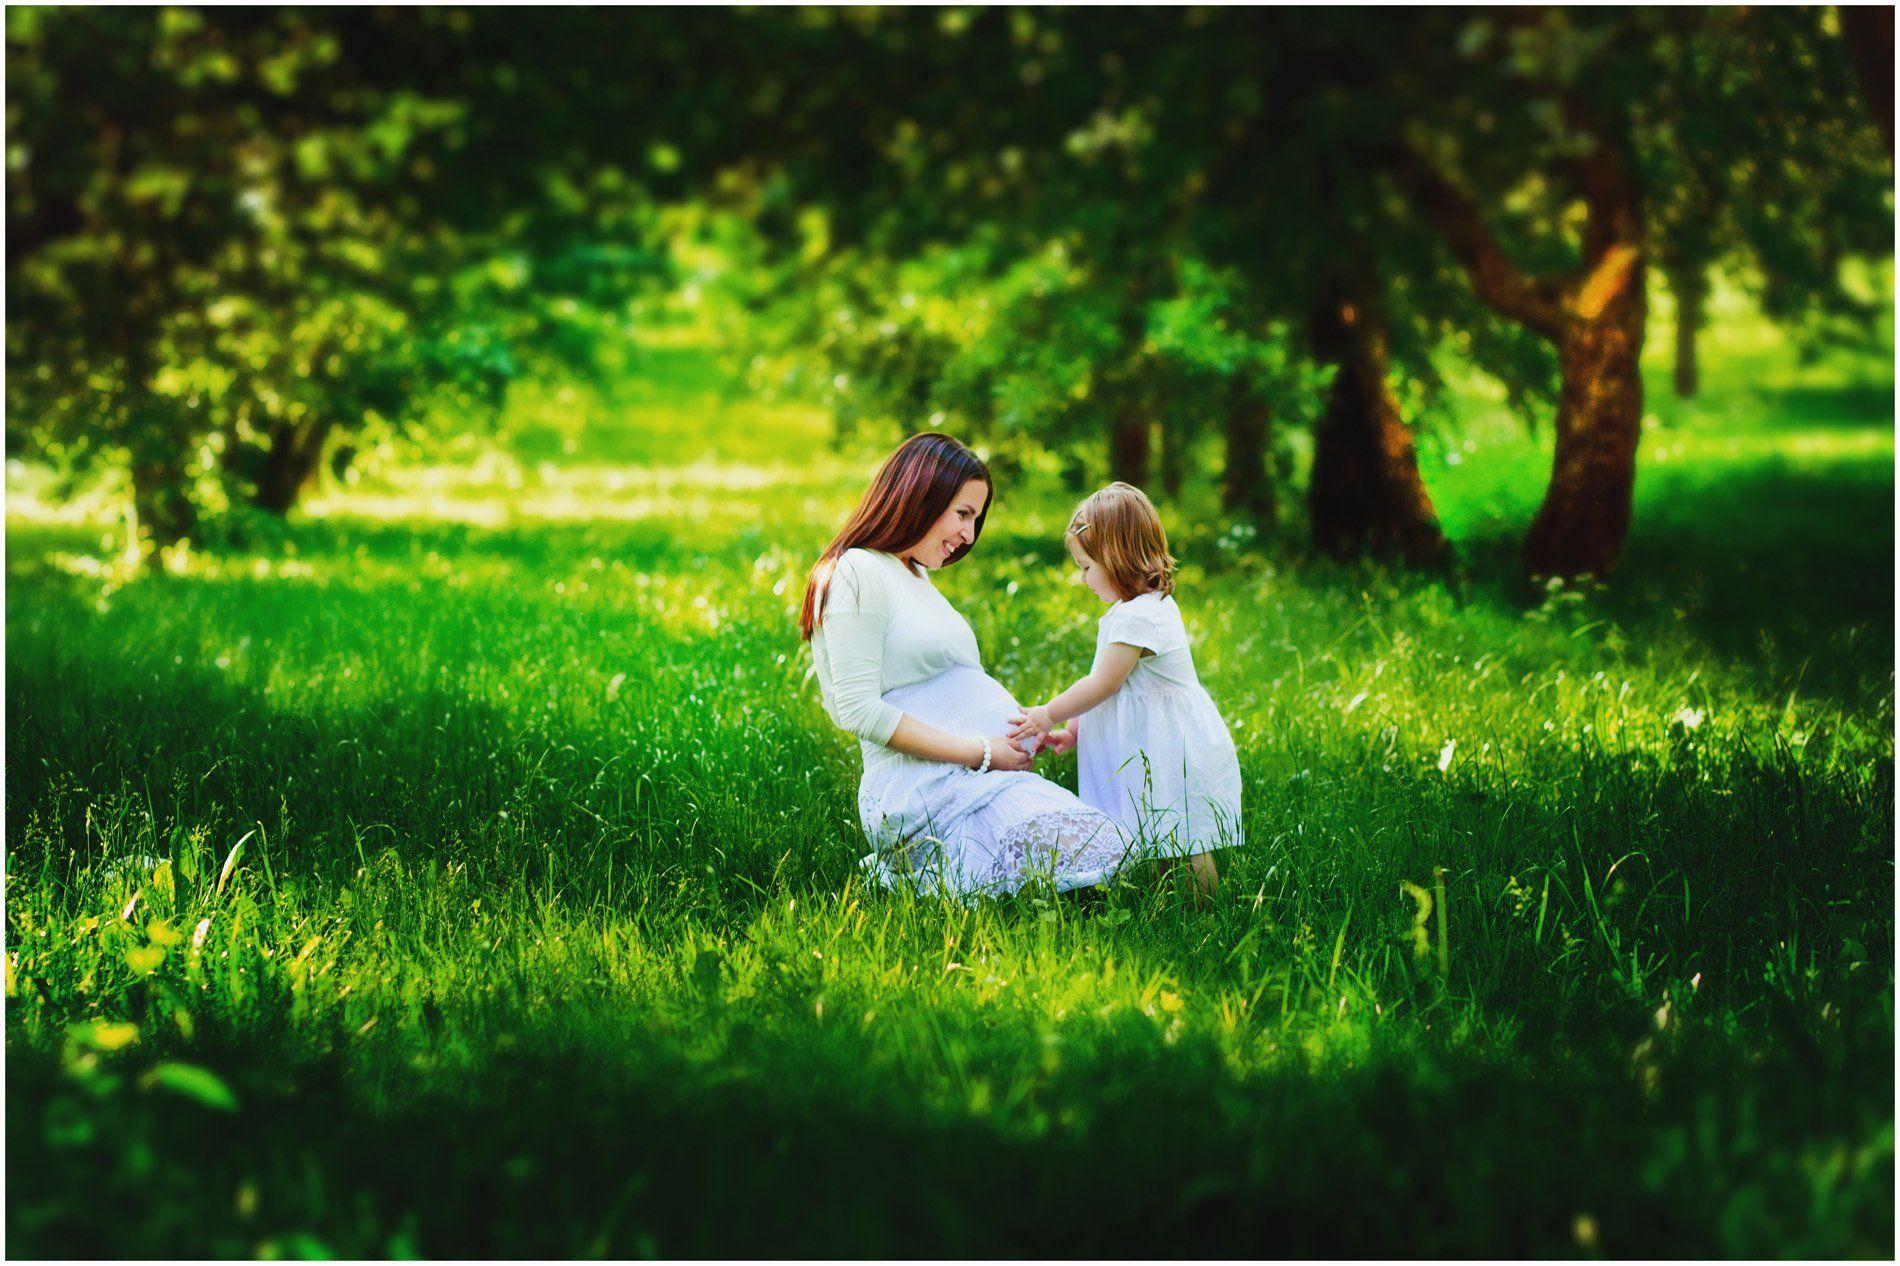 беременность, дети, мама, Екатерина Лапатей